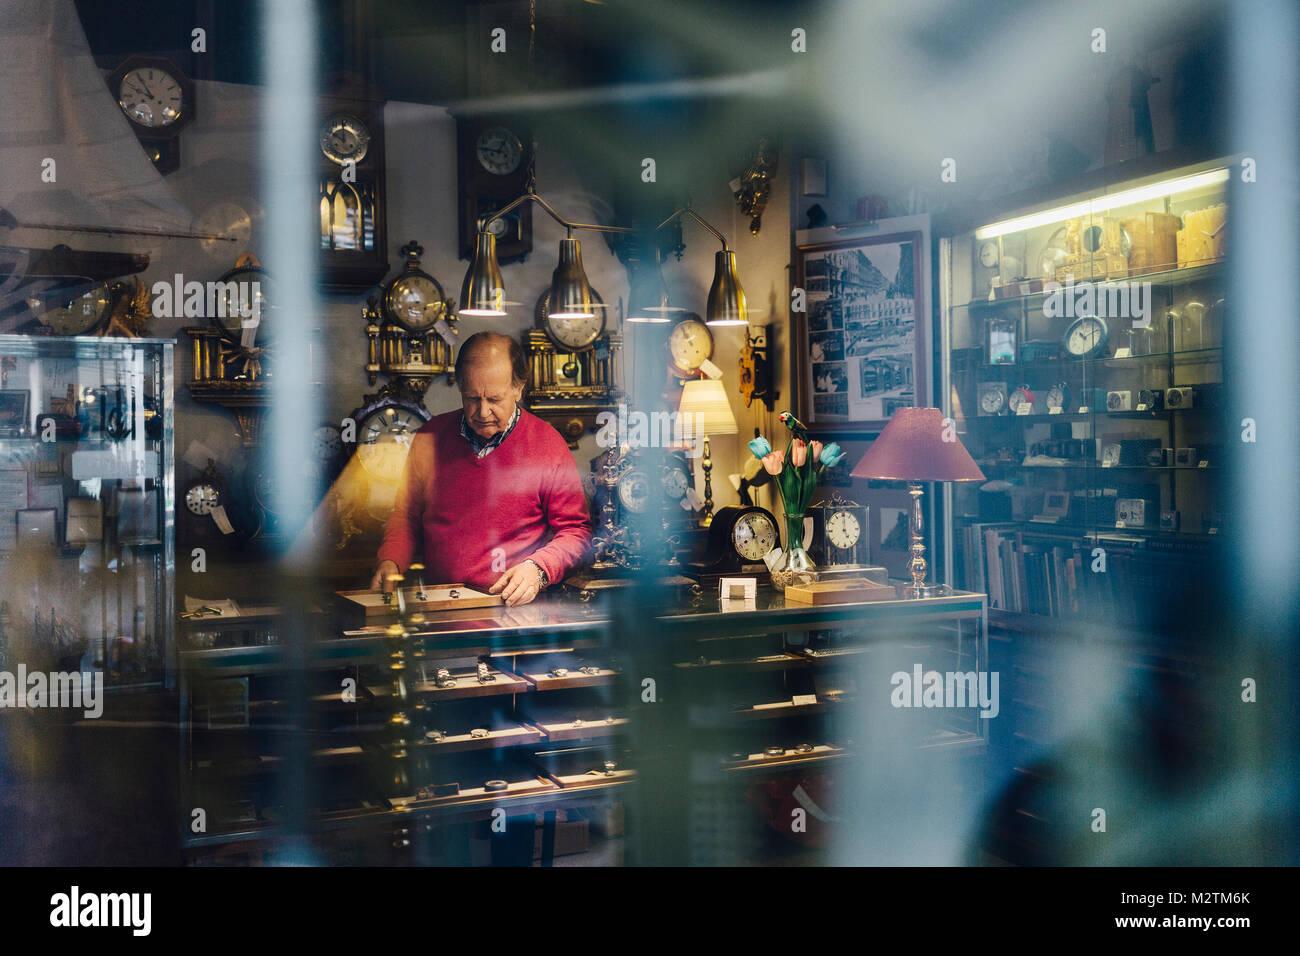 El hombre en el mostrador en la tienda de antigüedades en Suecia Imagen De Stock